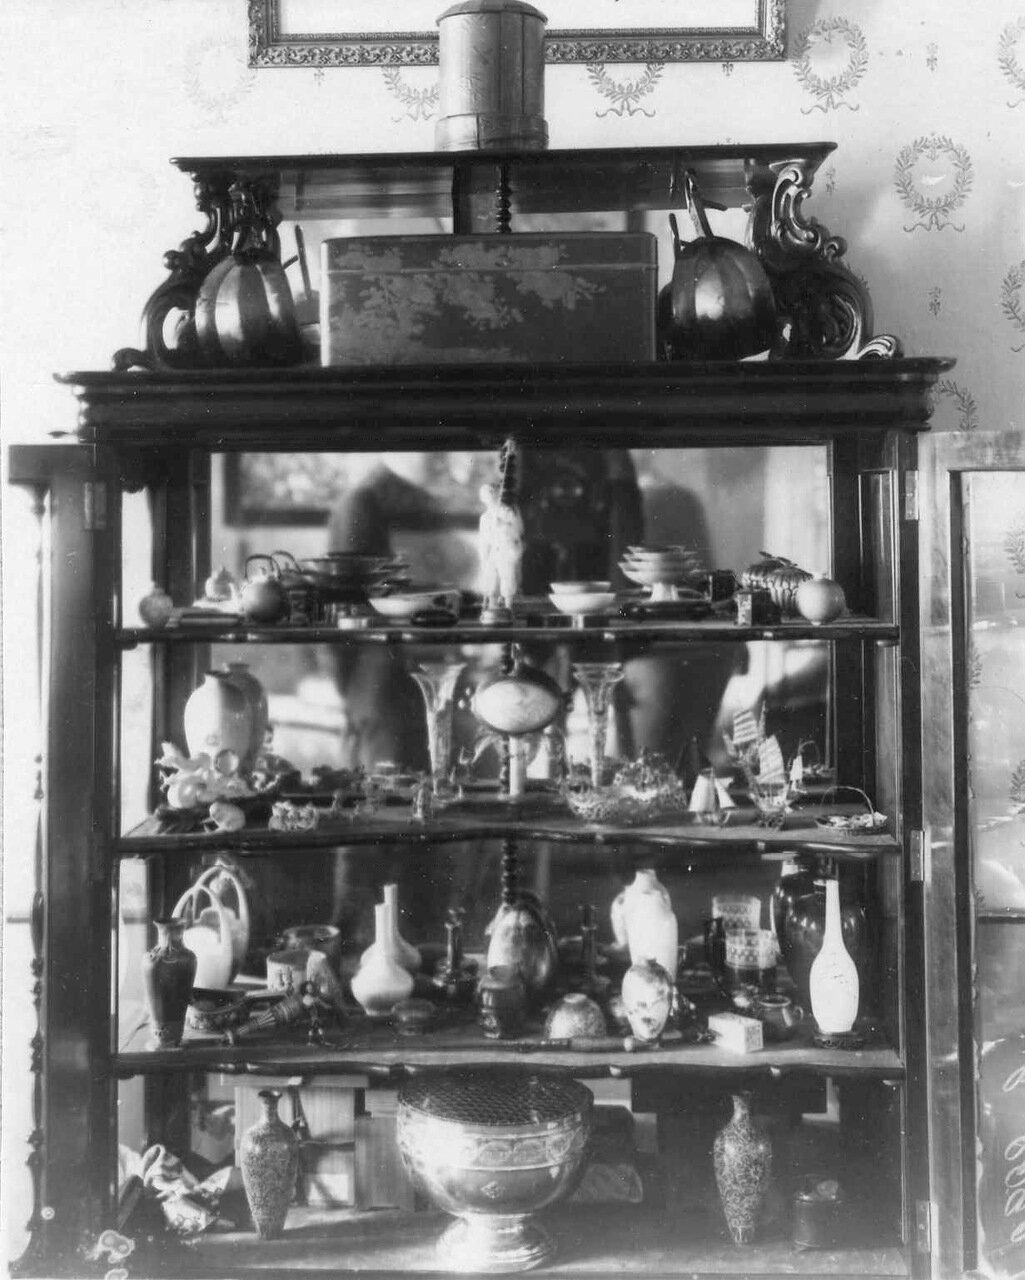 08. Шкафчик с коллекциями фарфоровой посуды и ваз, хрусталем в художественной оправе, ювелирными изделиями, поделками из лака и пр